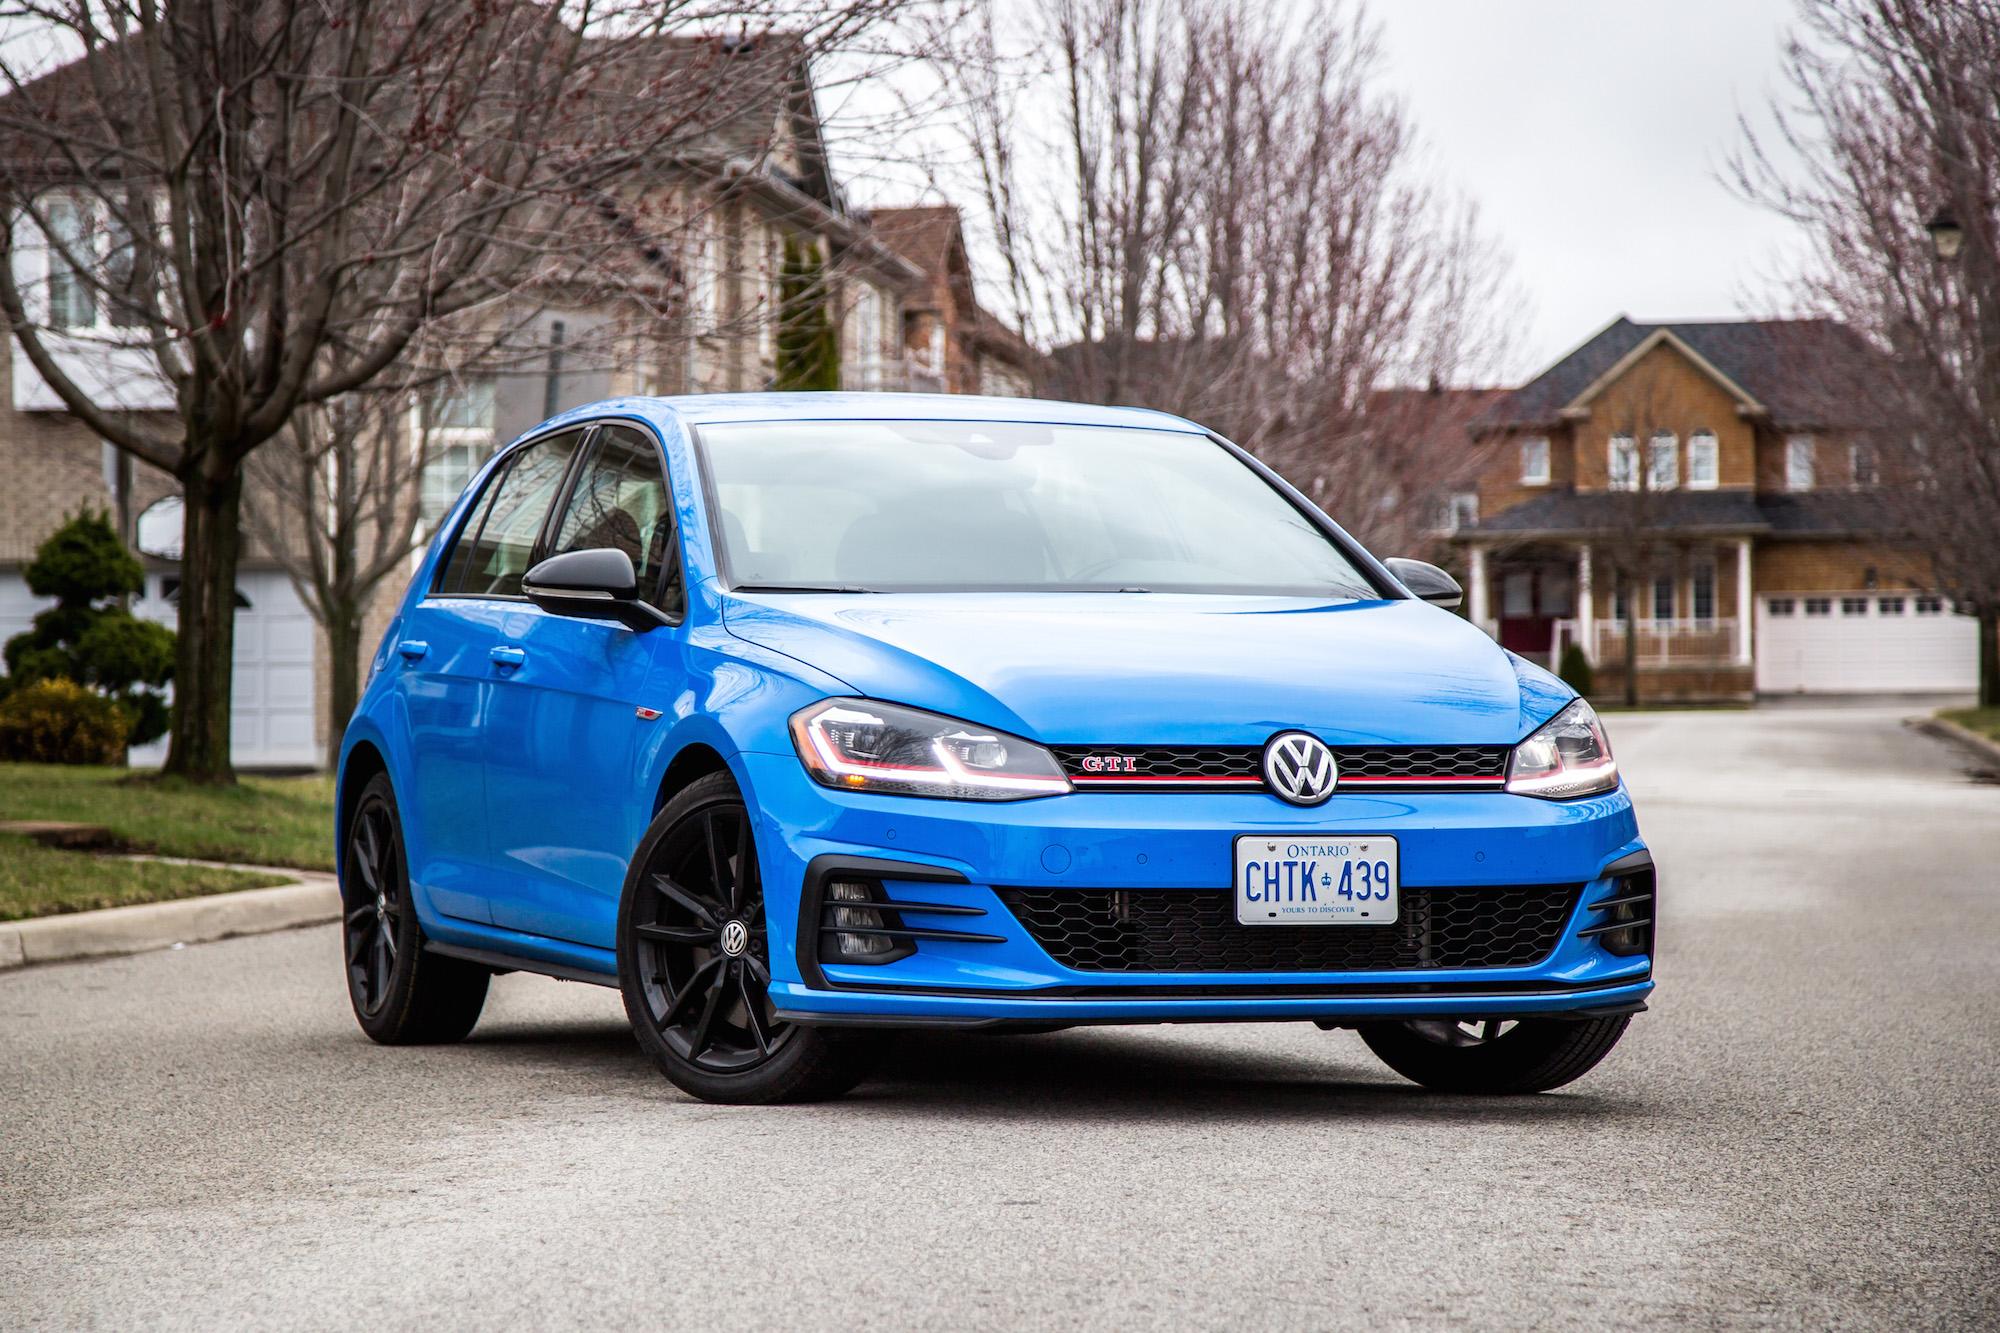 Heritage Volkswagen Subaru >> Review: 2019 Volkswagen Golf GTI Rabbit Edition | CAR